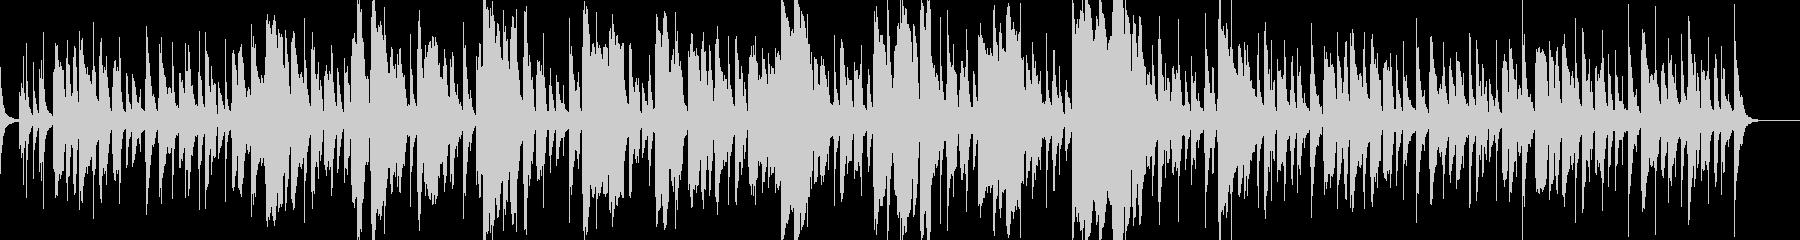 ラテン エロい・ムーディー・バラ・情熱的の未再生の波形